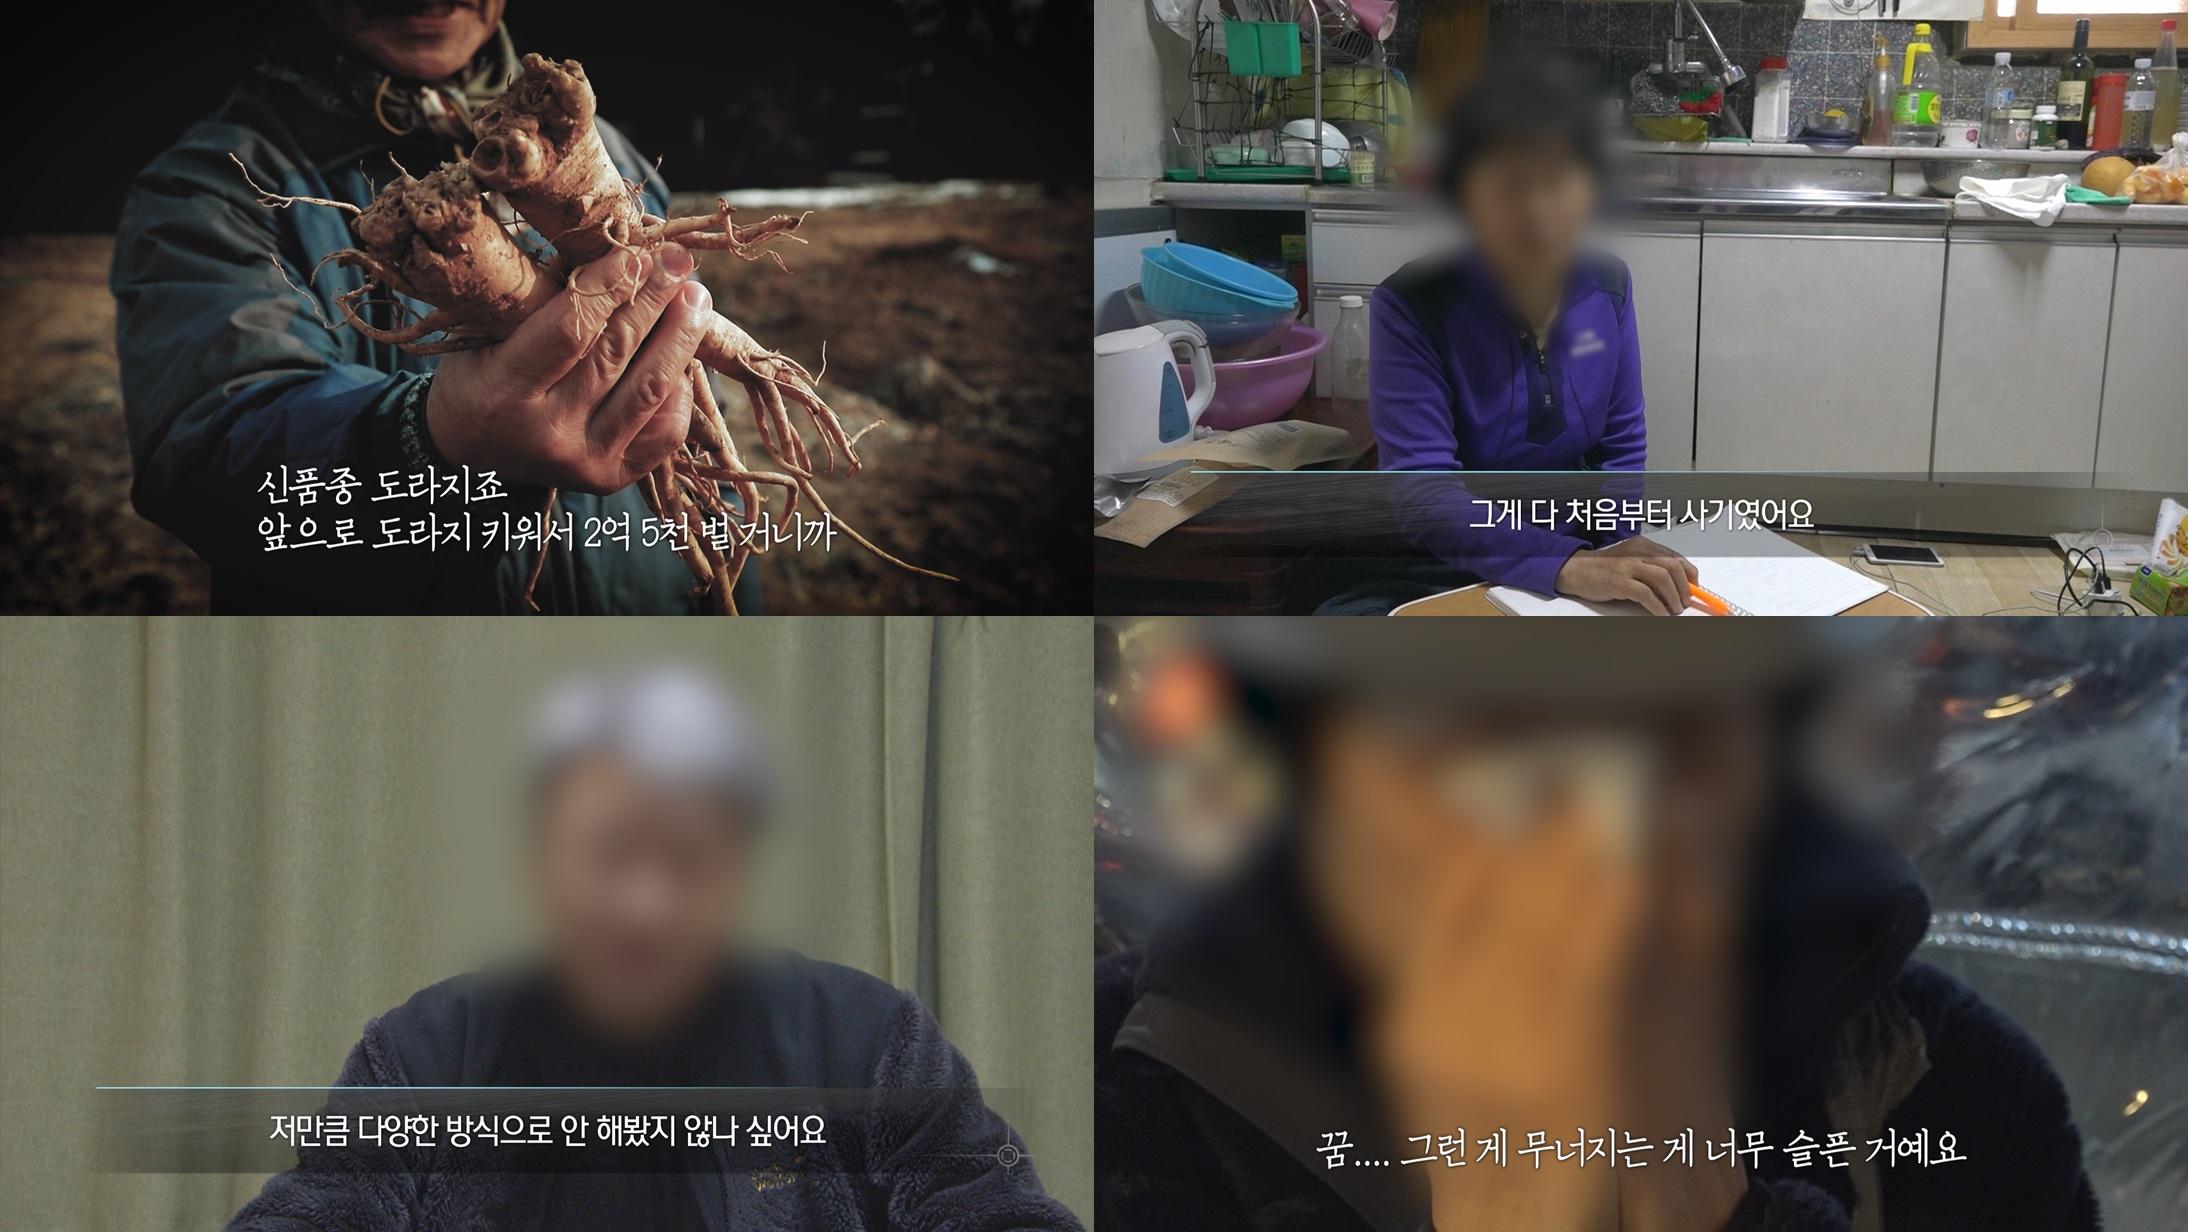 '실화탐사대' 예비 귀농인들의 꿈 짓밟은 '현대판 봉이 김선달' 정체 추적